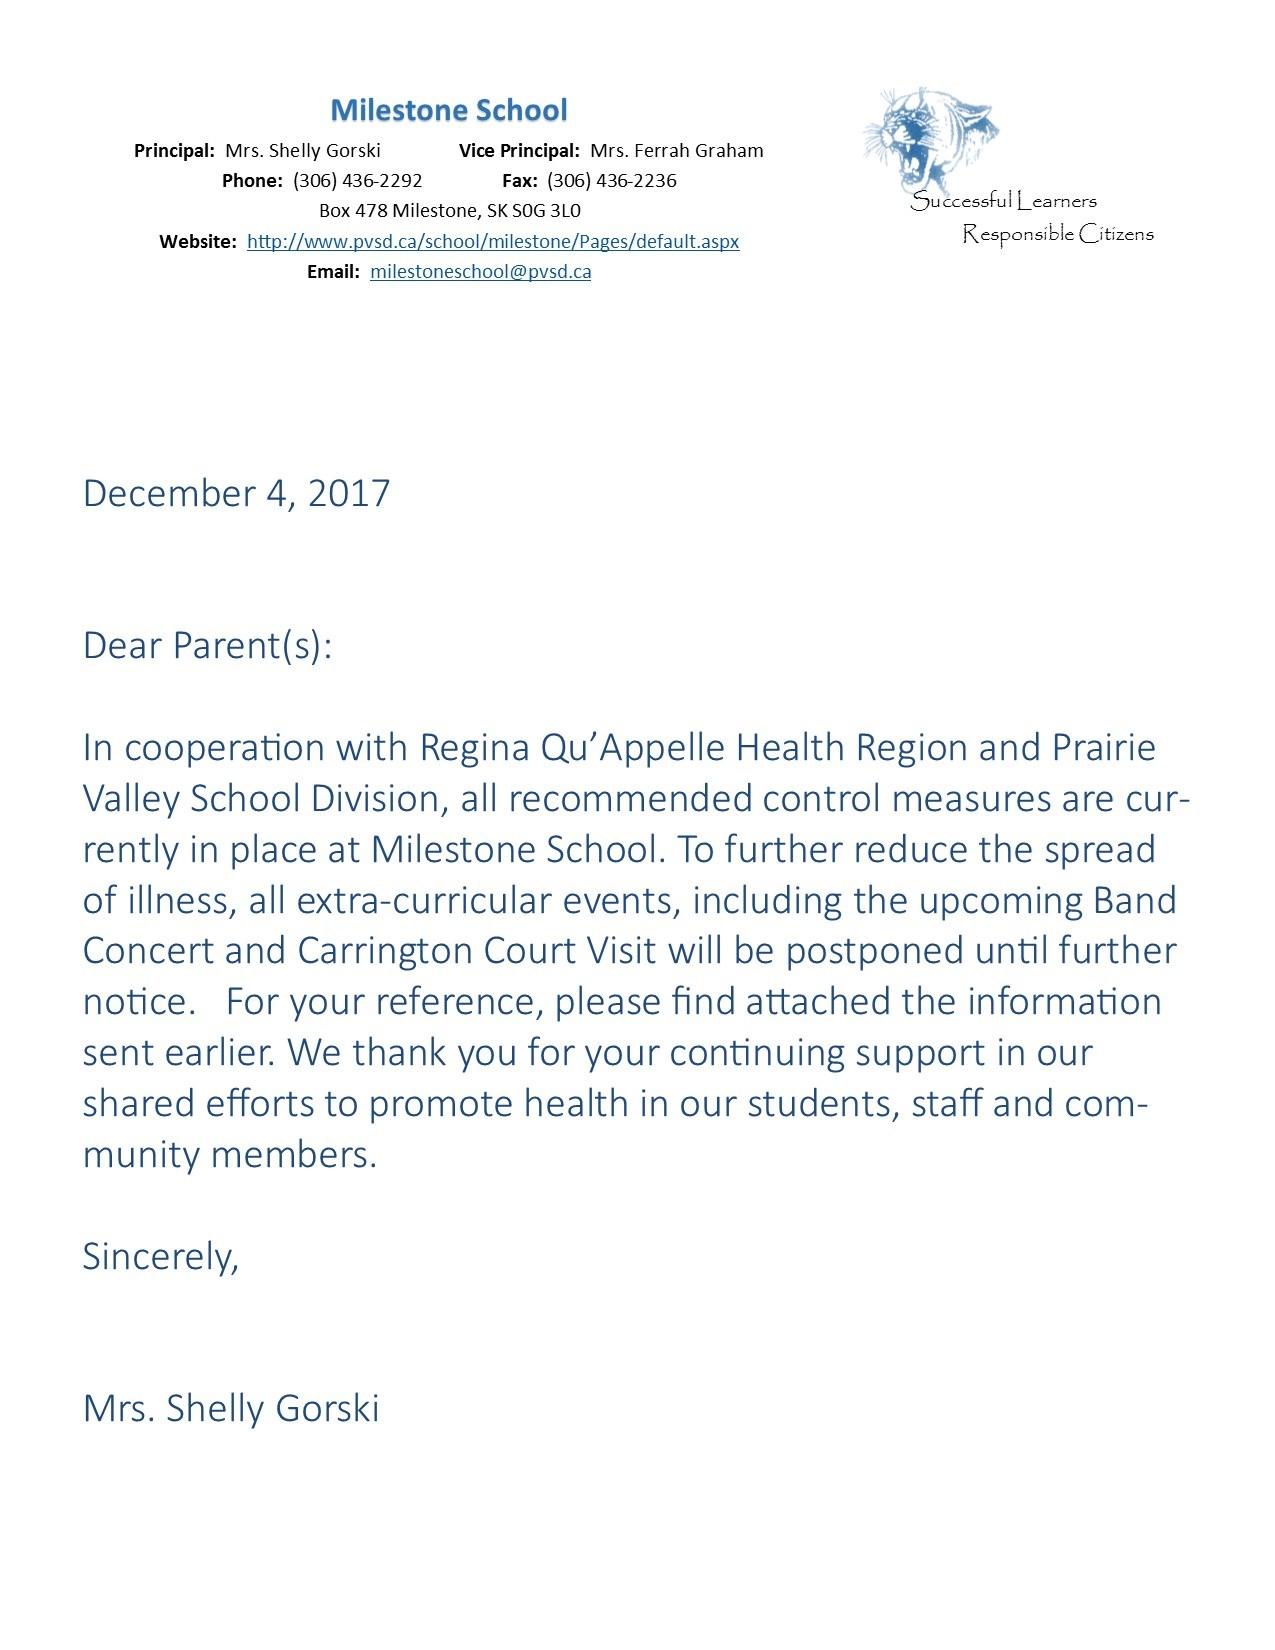 Letter Dec 4, 2017.jpg